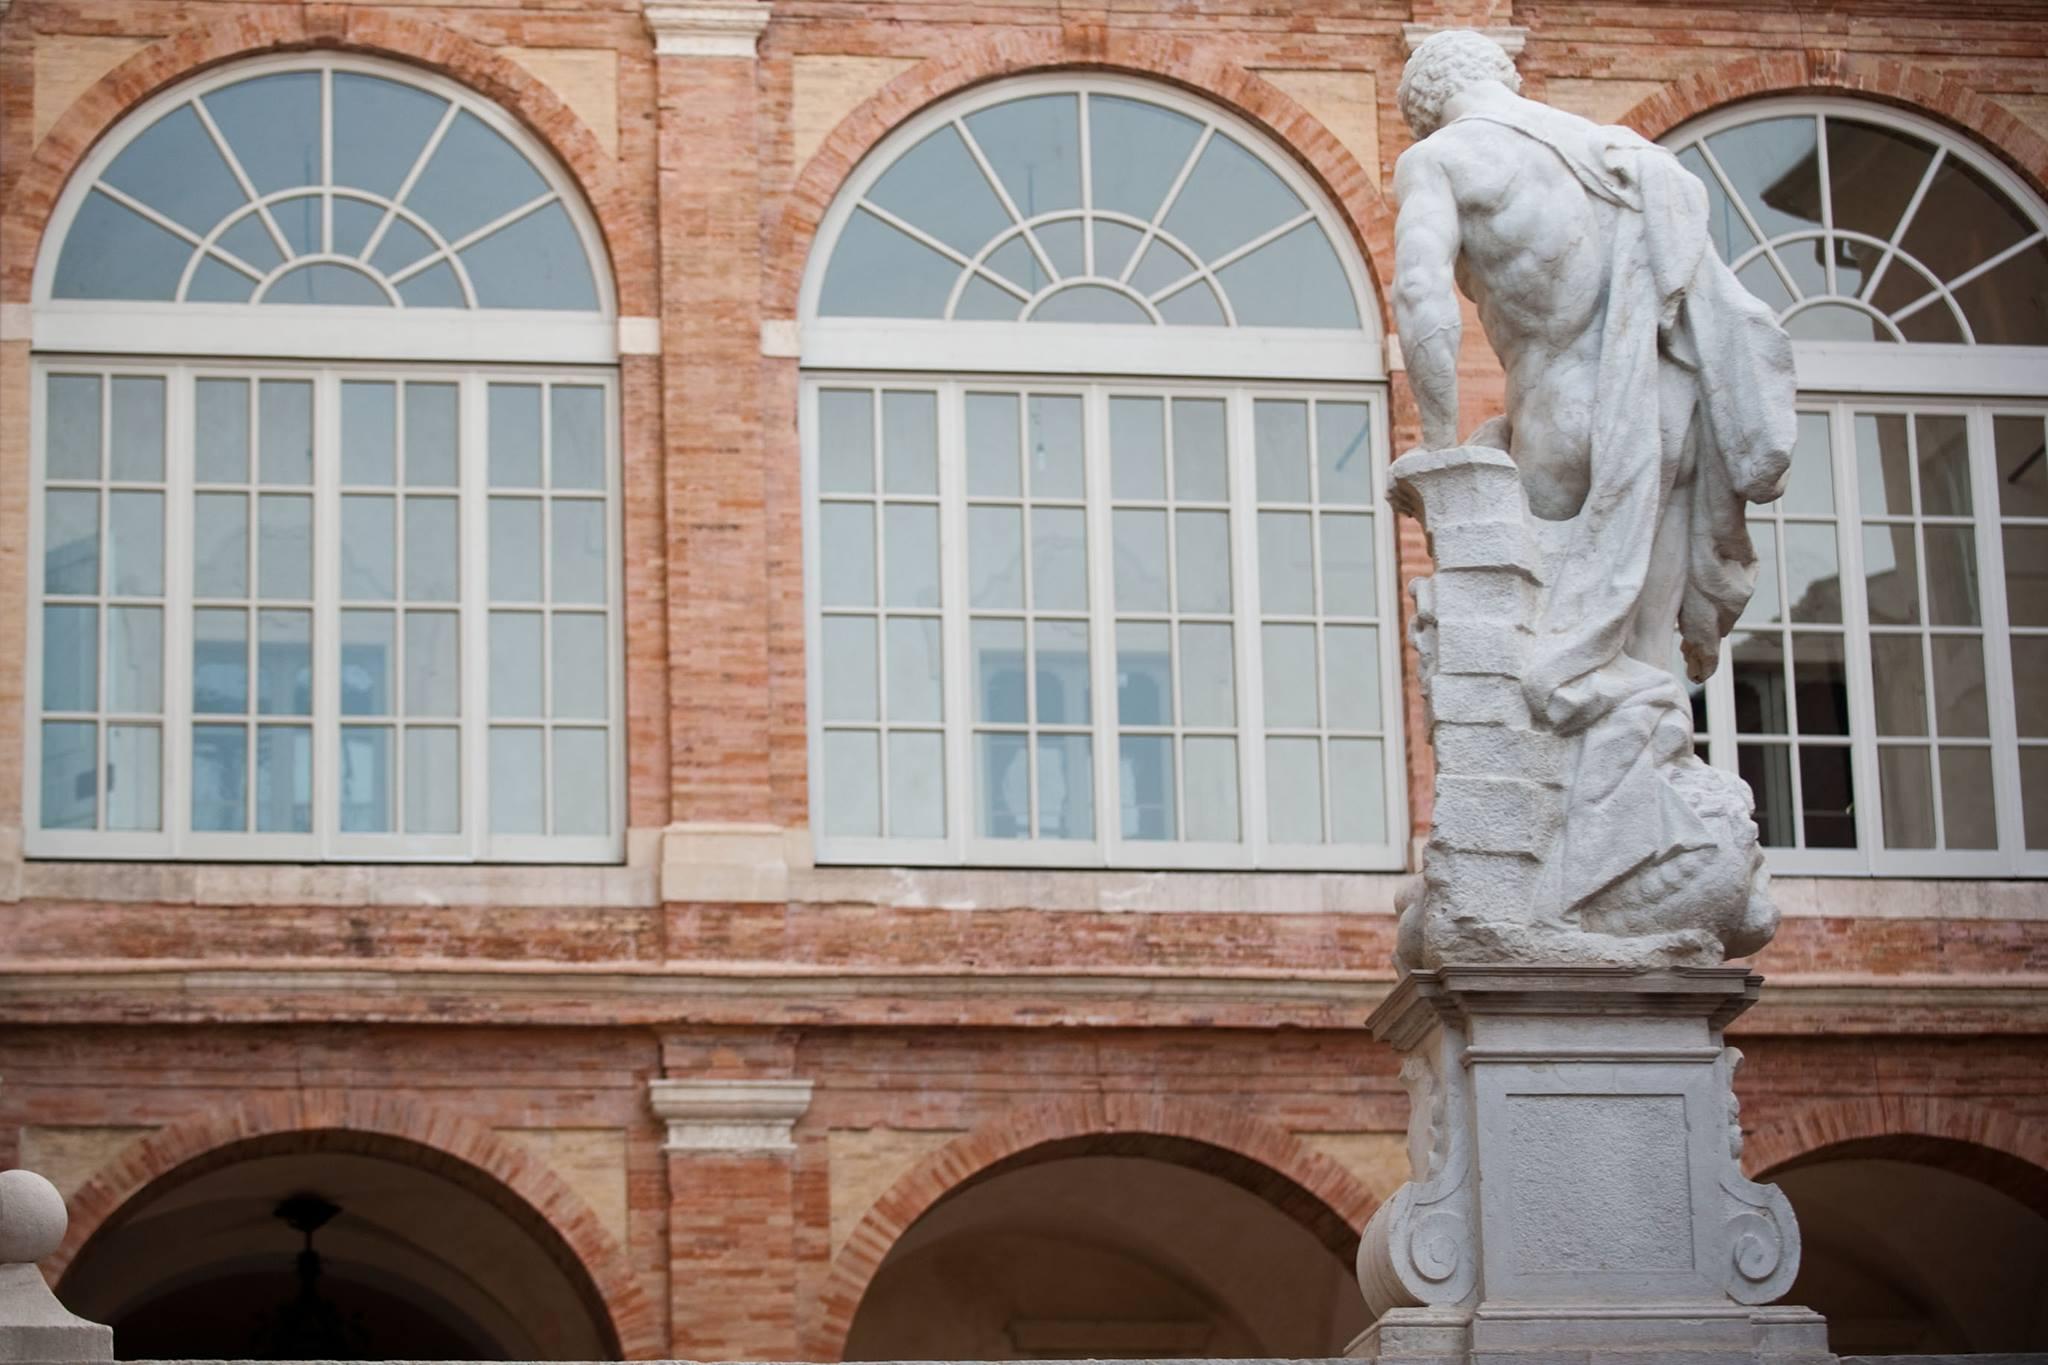 Positivo il turismo a Macerata, musei affollati durante l'estate